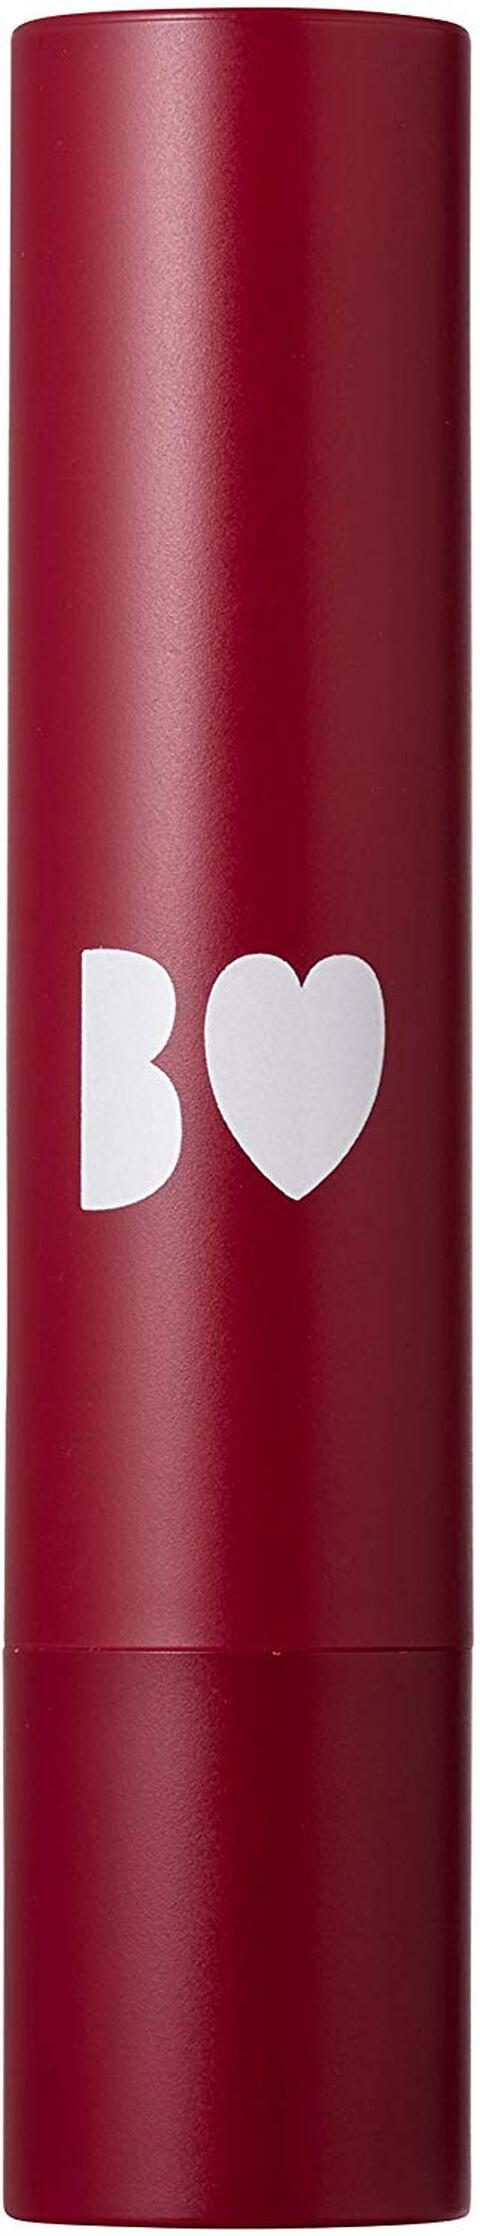 束縛red あかりん リップ bidol ビーアイドル 人気色 ピンク 色持ち 新色 ブルベ イエベ パーソナルカラー